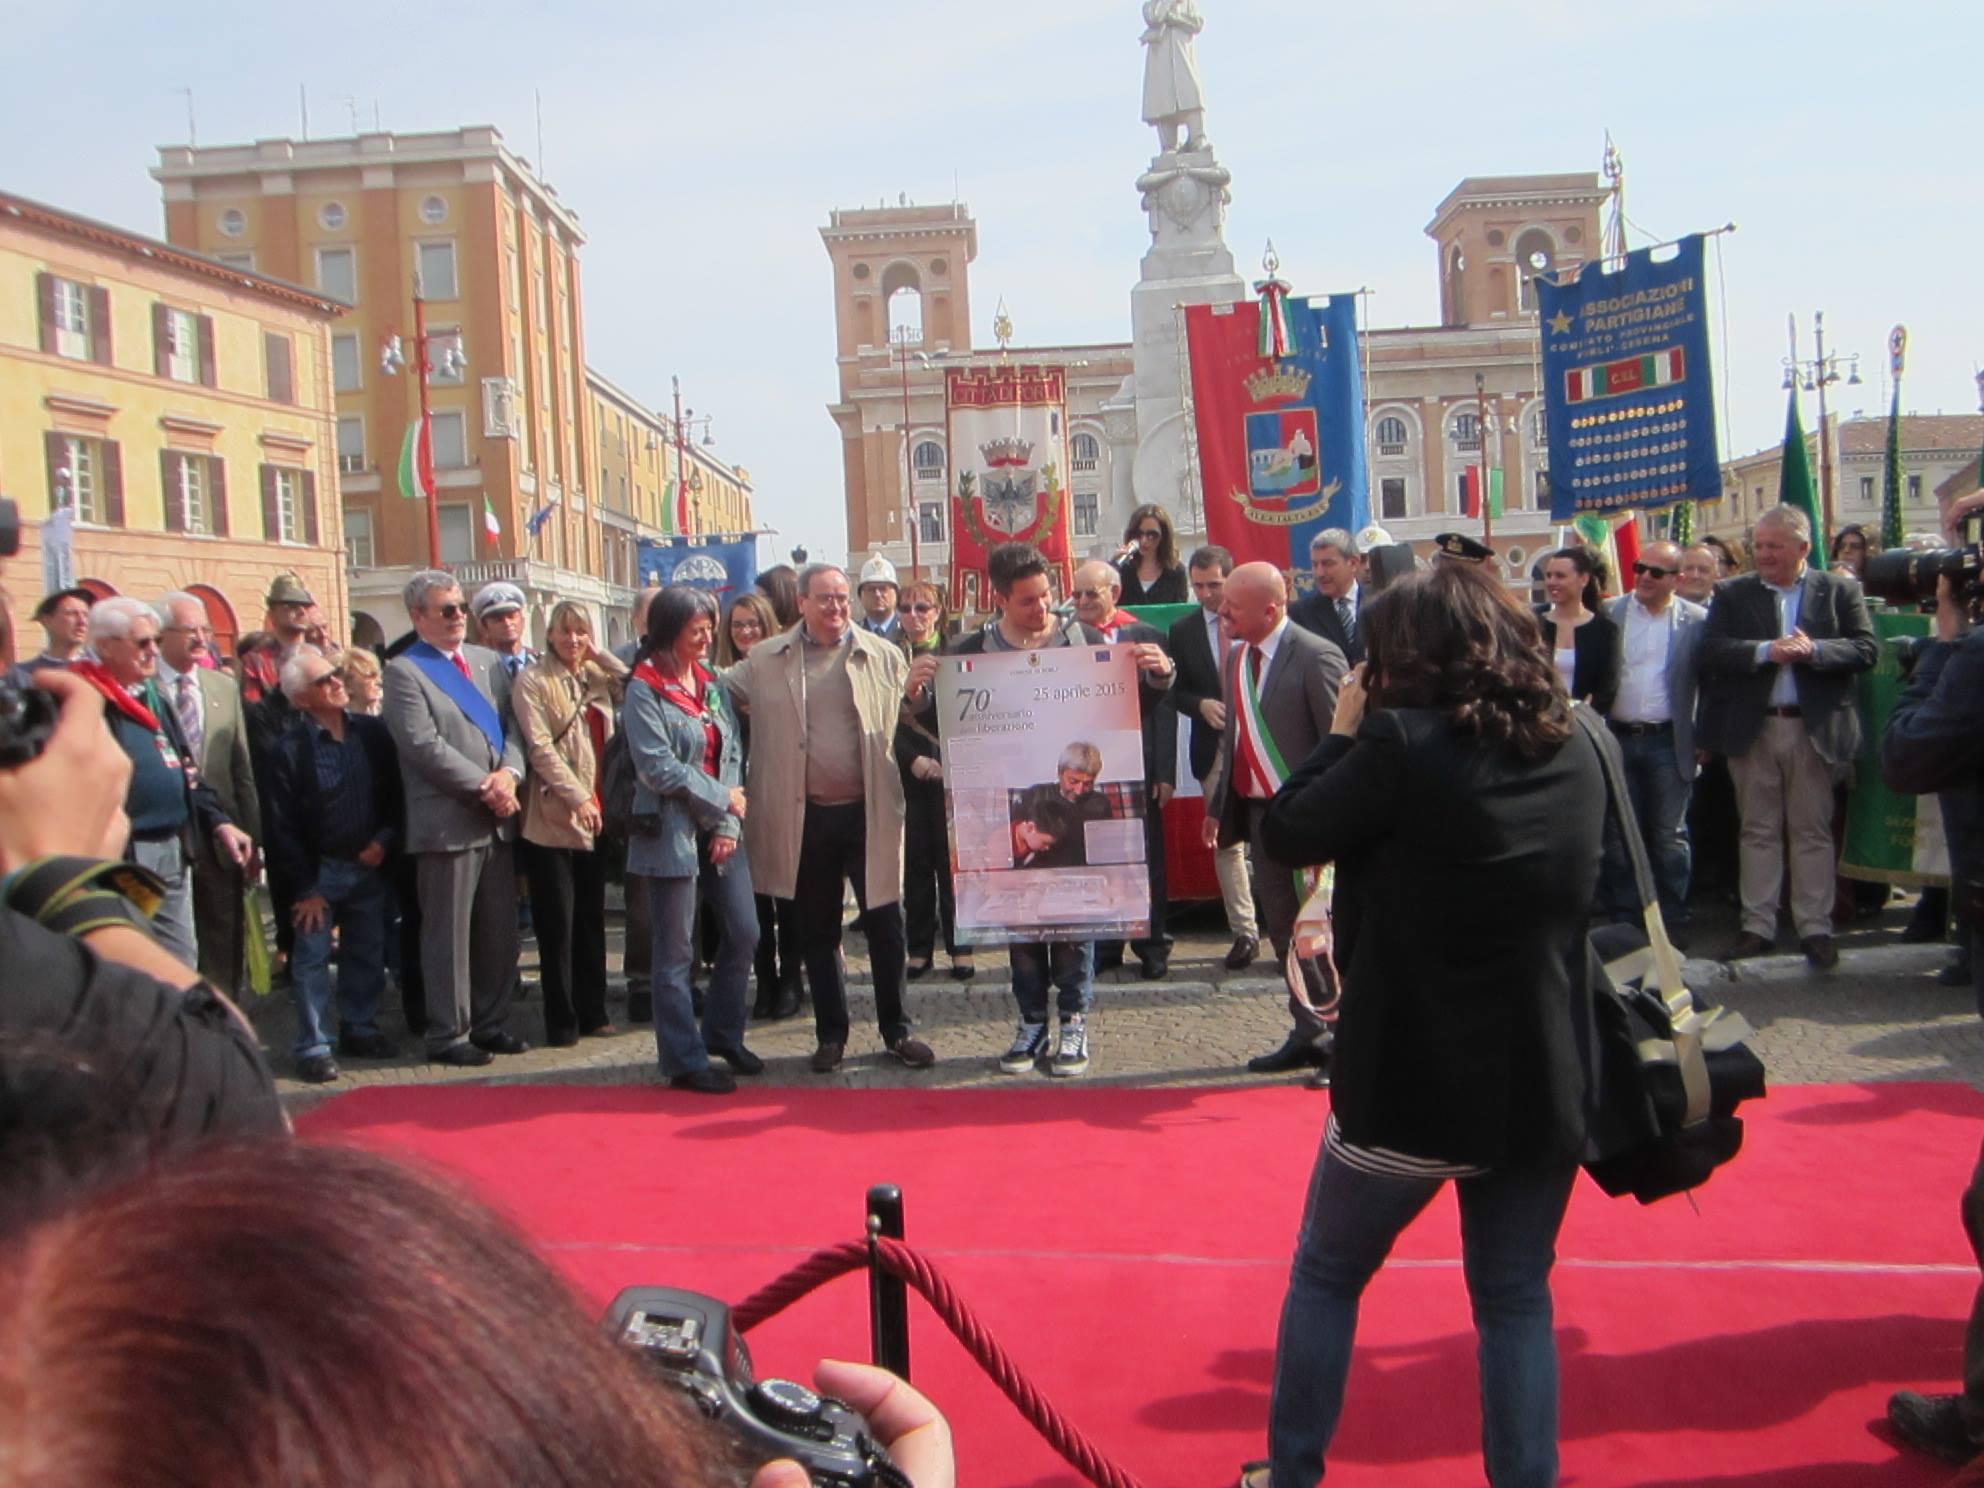 Liberazione Forlì